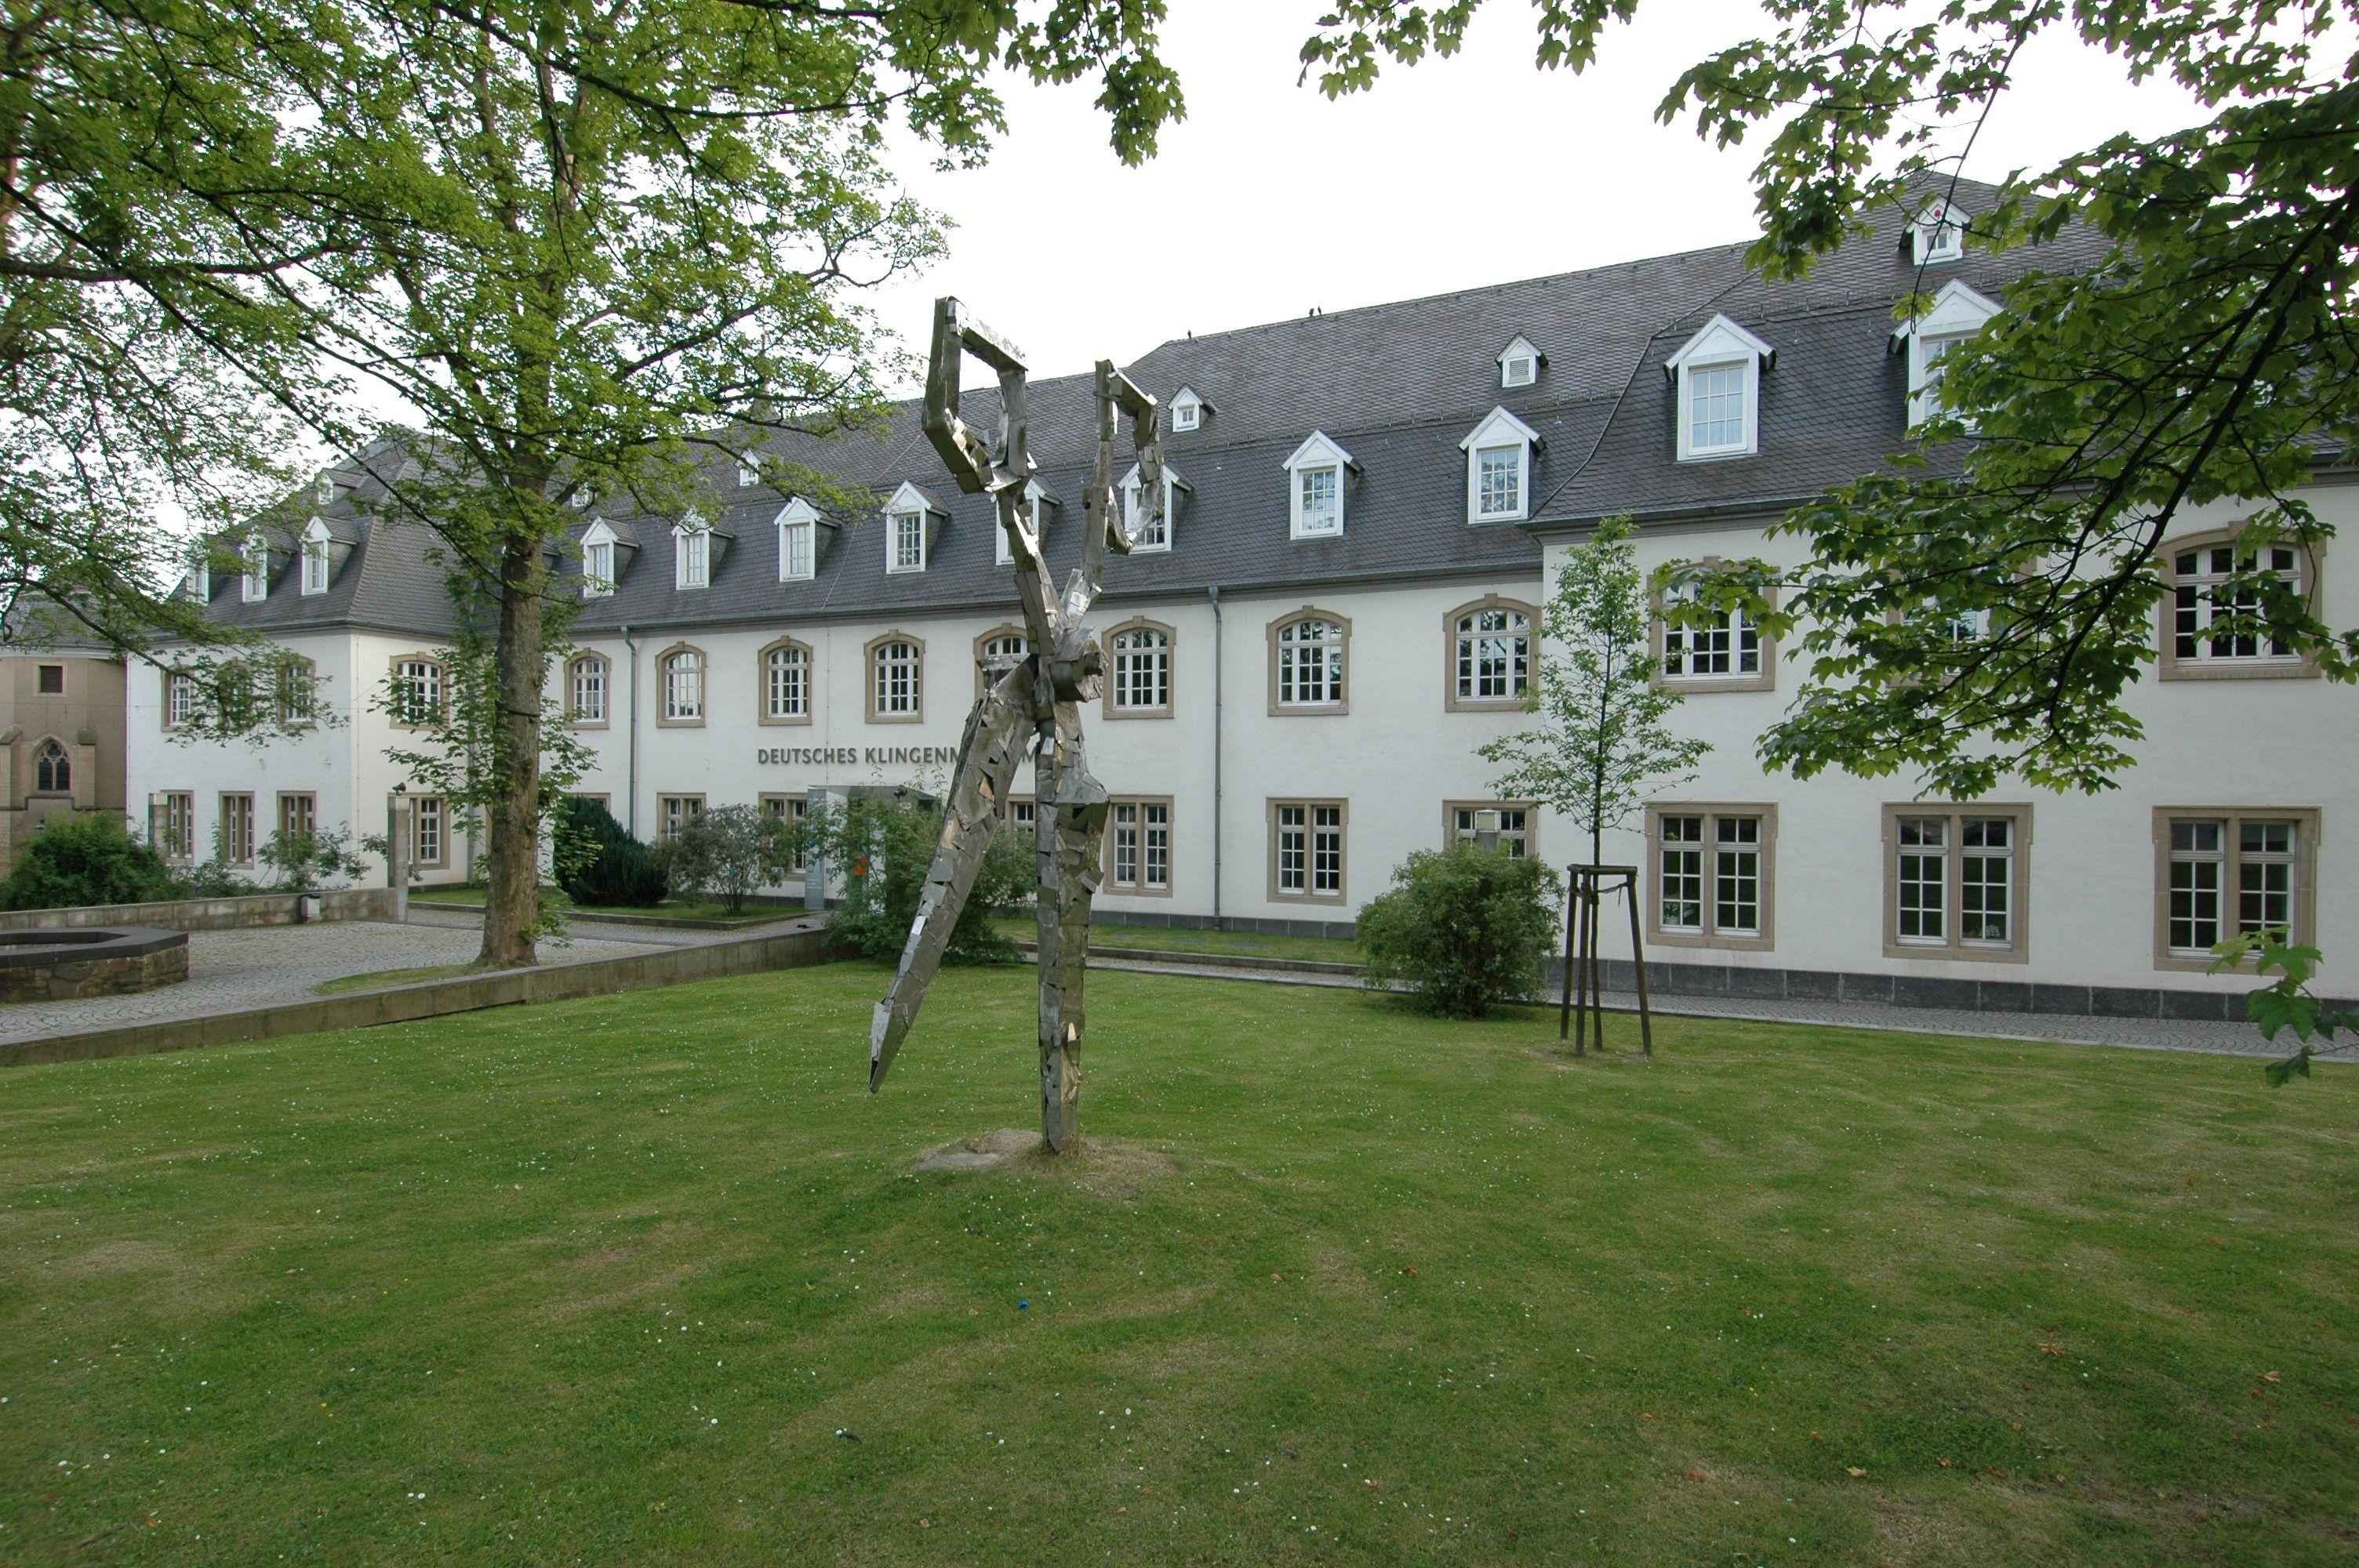 Luxury Repr sentative historische Jugendstilvilla mit altem Baumbestand in Solingen an der Wilhelmsh he gelegen Architektur NRW Pinterest Nrw